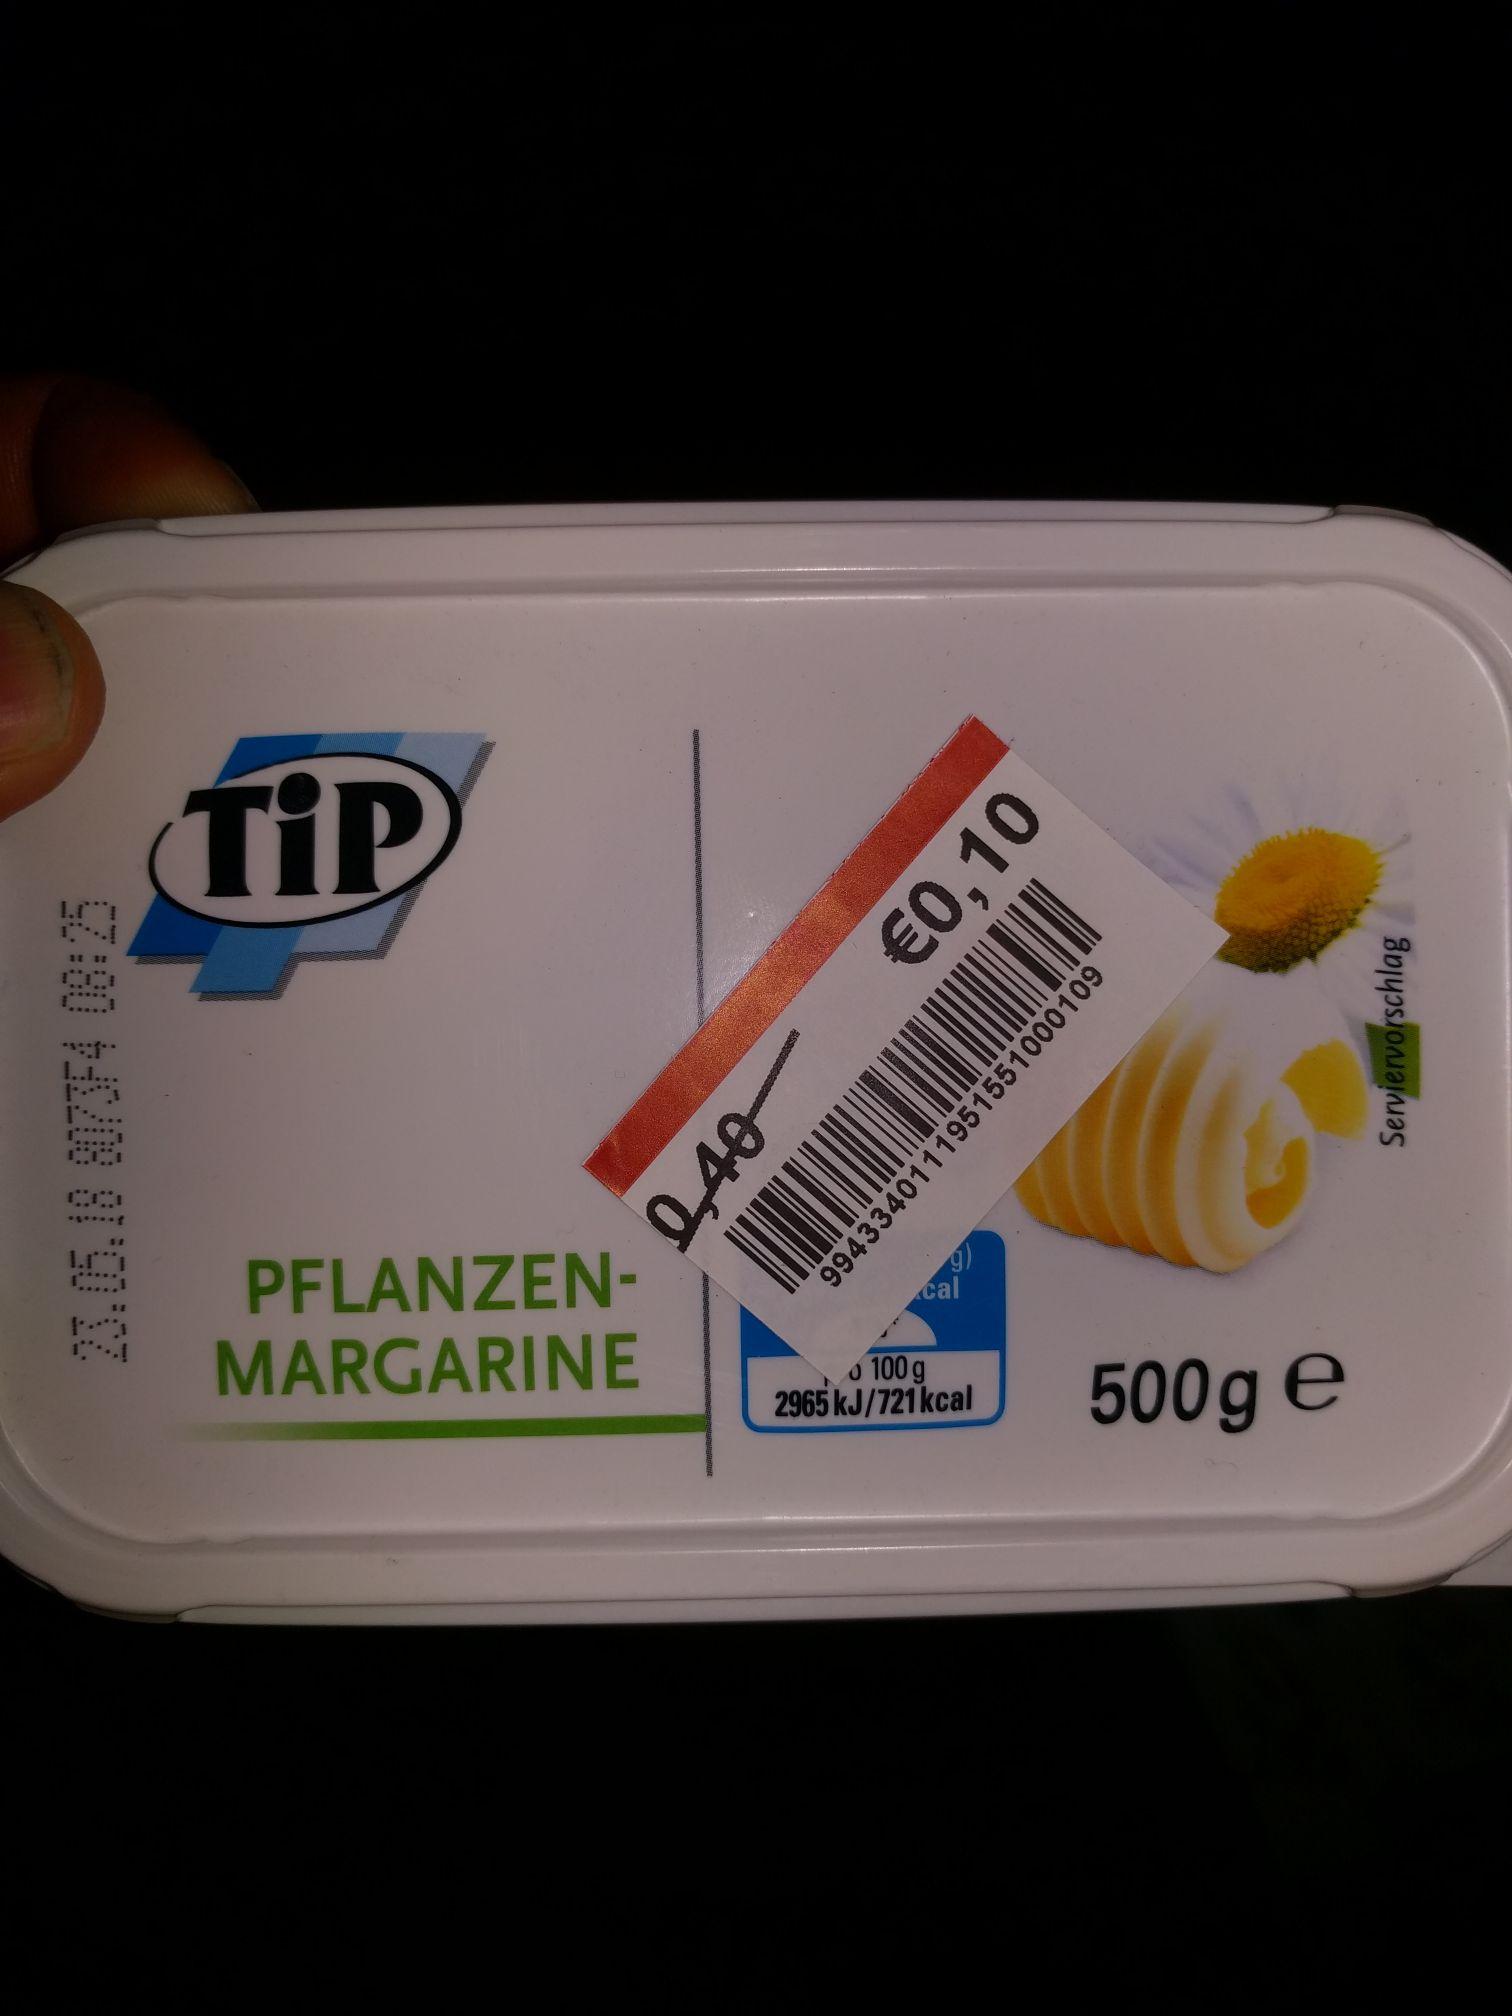 [LOKAL] Ostfildern/Stuttgart real TIP Pflanzenmargarine